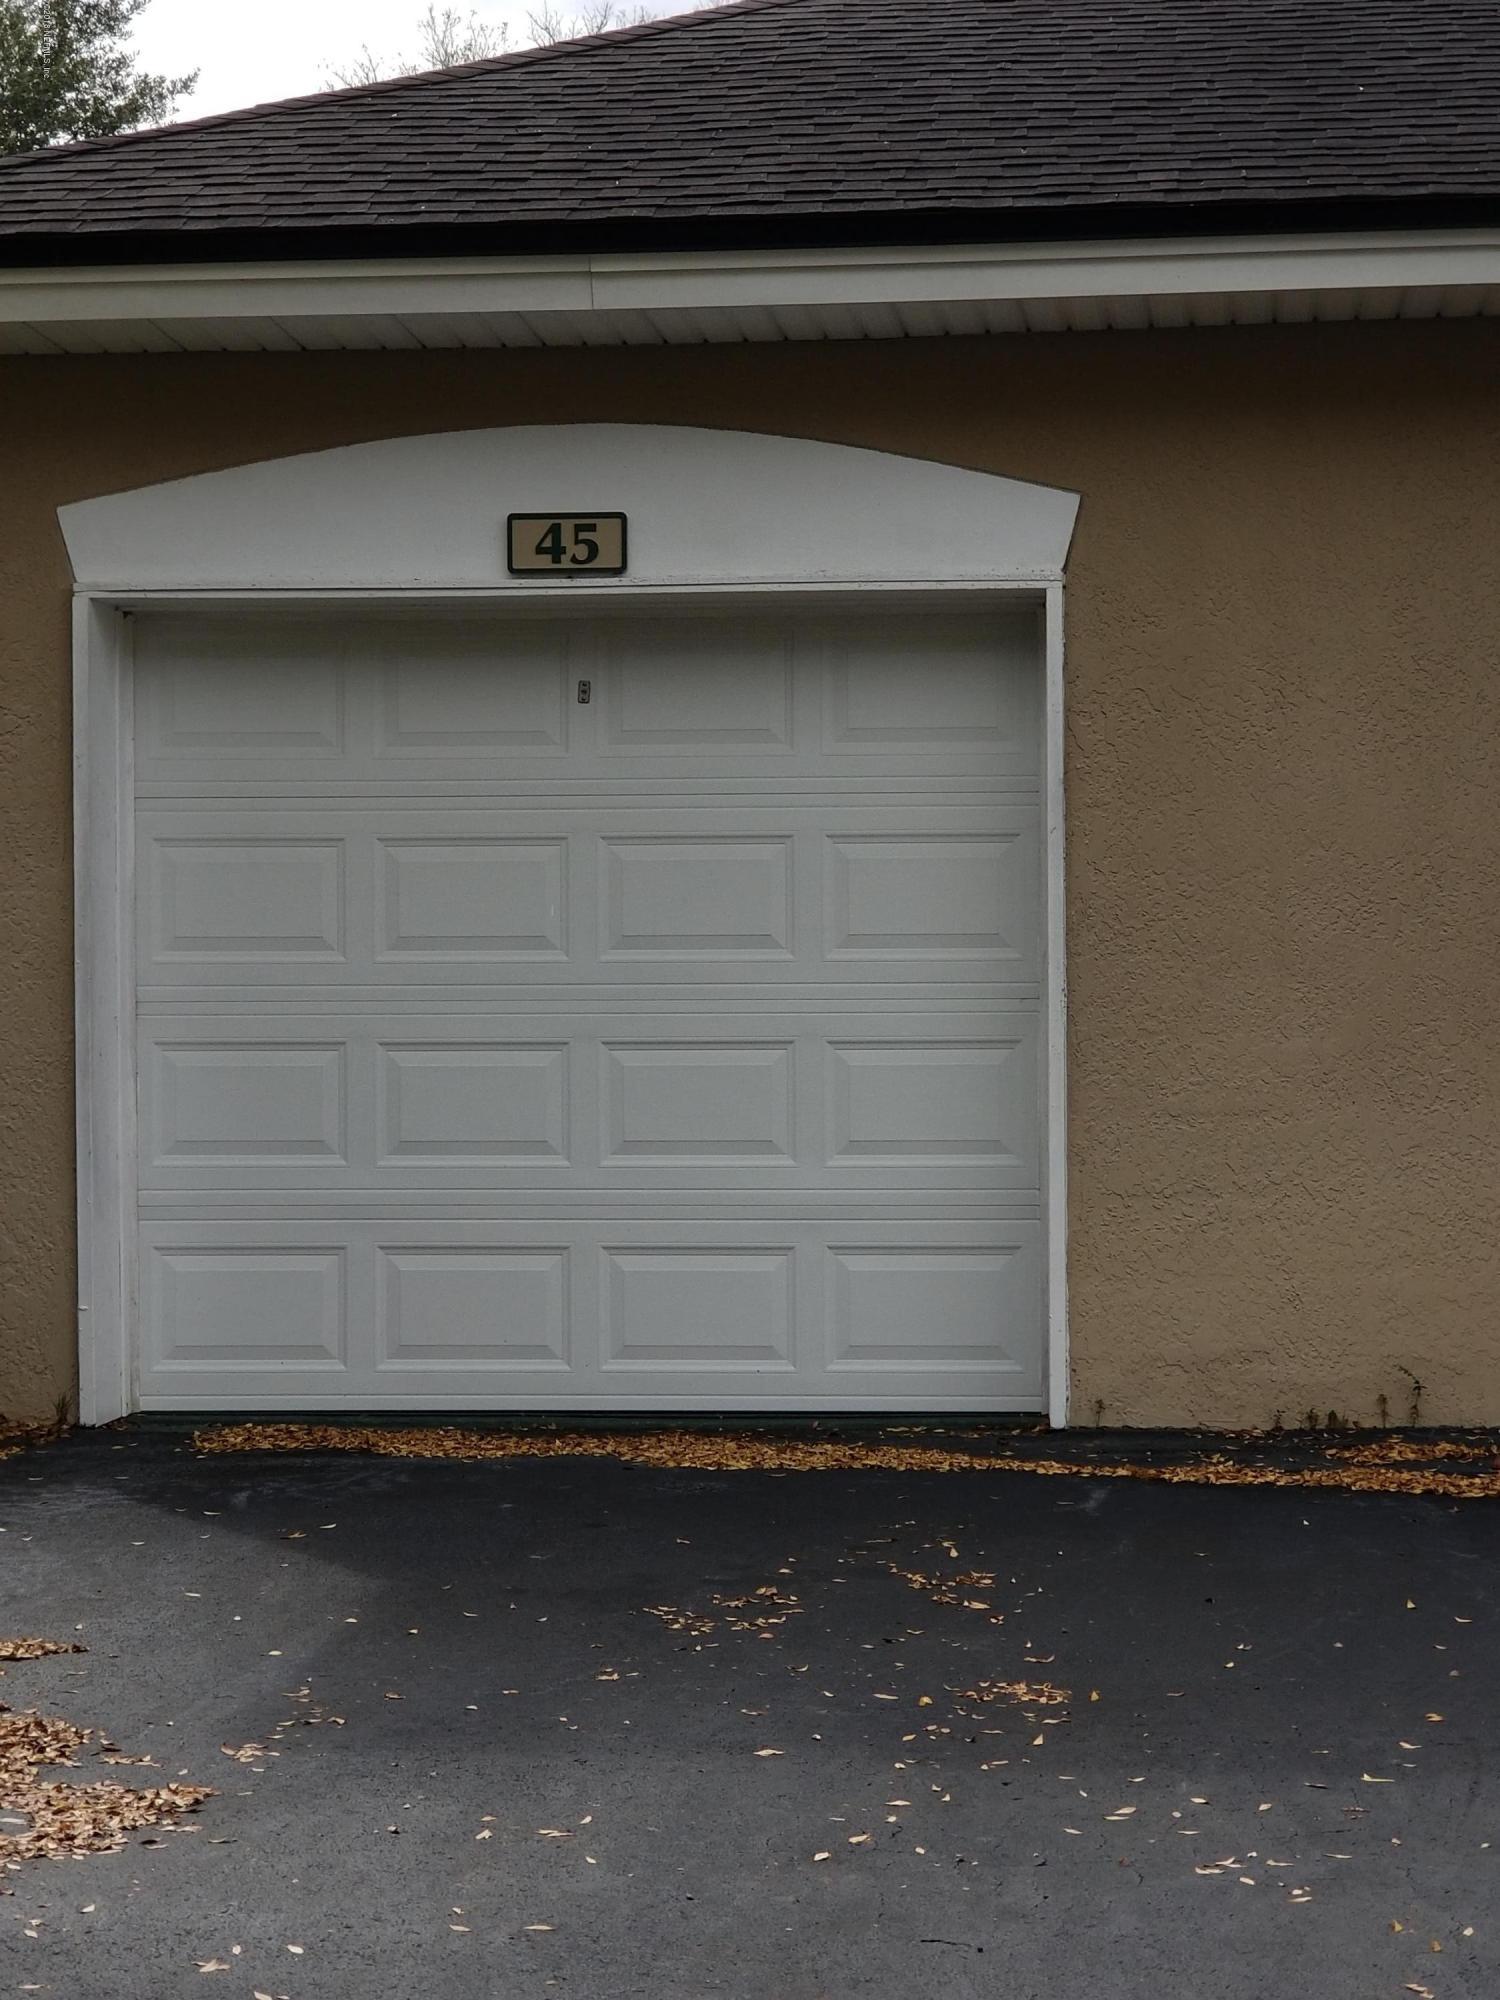 0 OAKLEAF PLANTATION, ORANGE PARK, FLORIDA 32065, ,Residential - condos/townhomes,For sale,OAKLEAF PLANTATION,971040